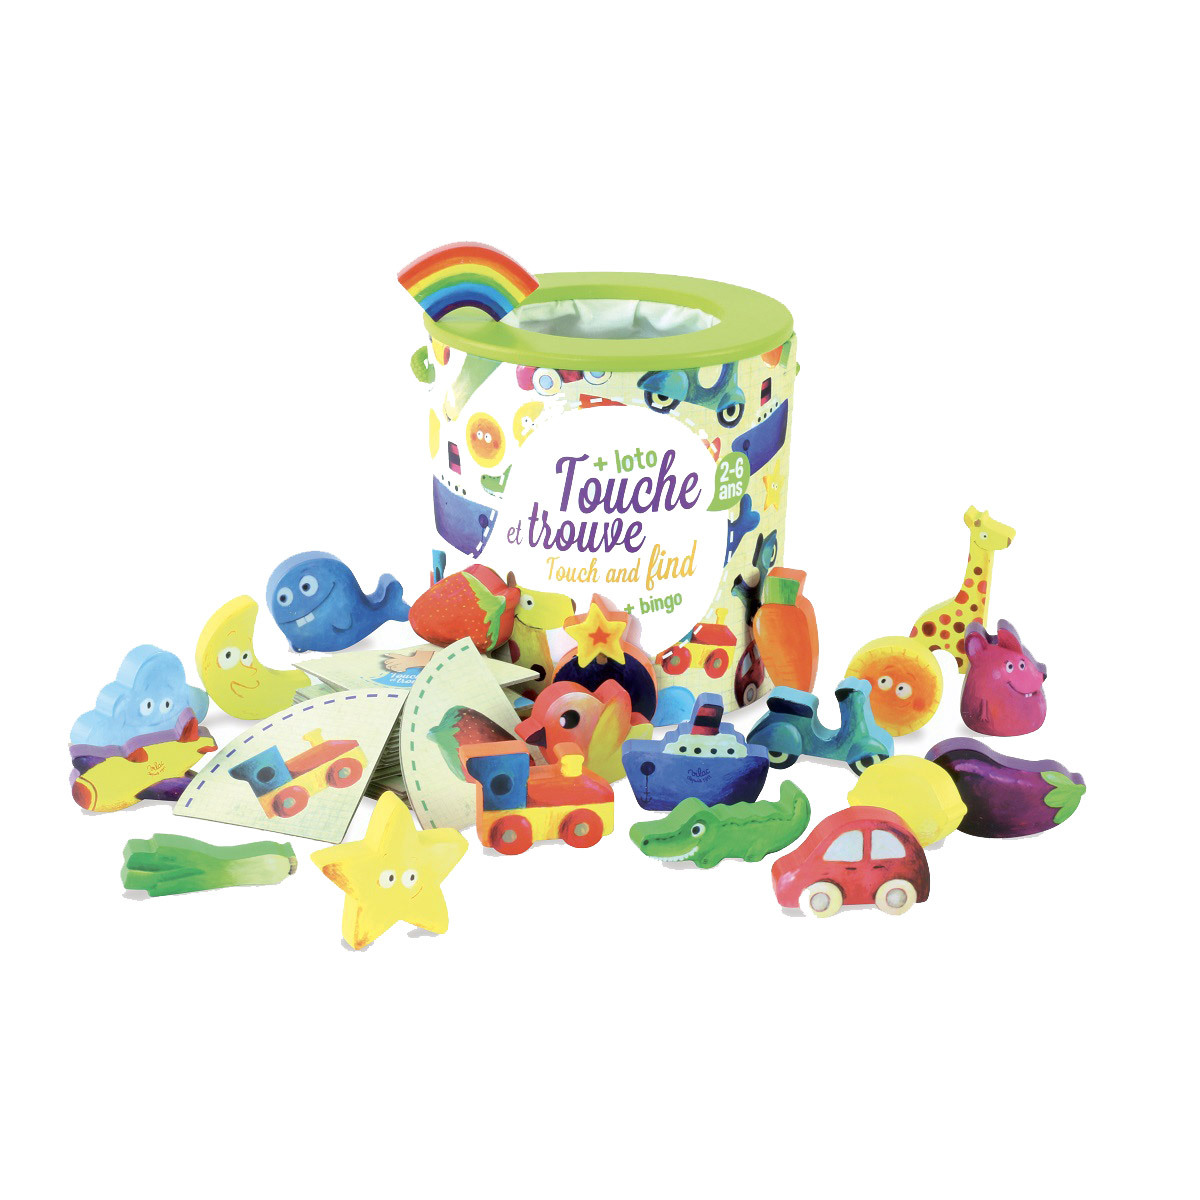 Mes premiers jouets Jeu de Reconnaissance Touche et Trouve Jeu de Reconnaissance Touche et Trouve